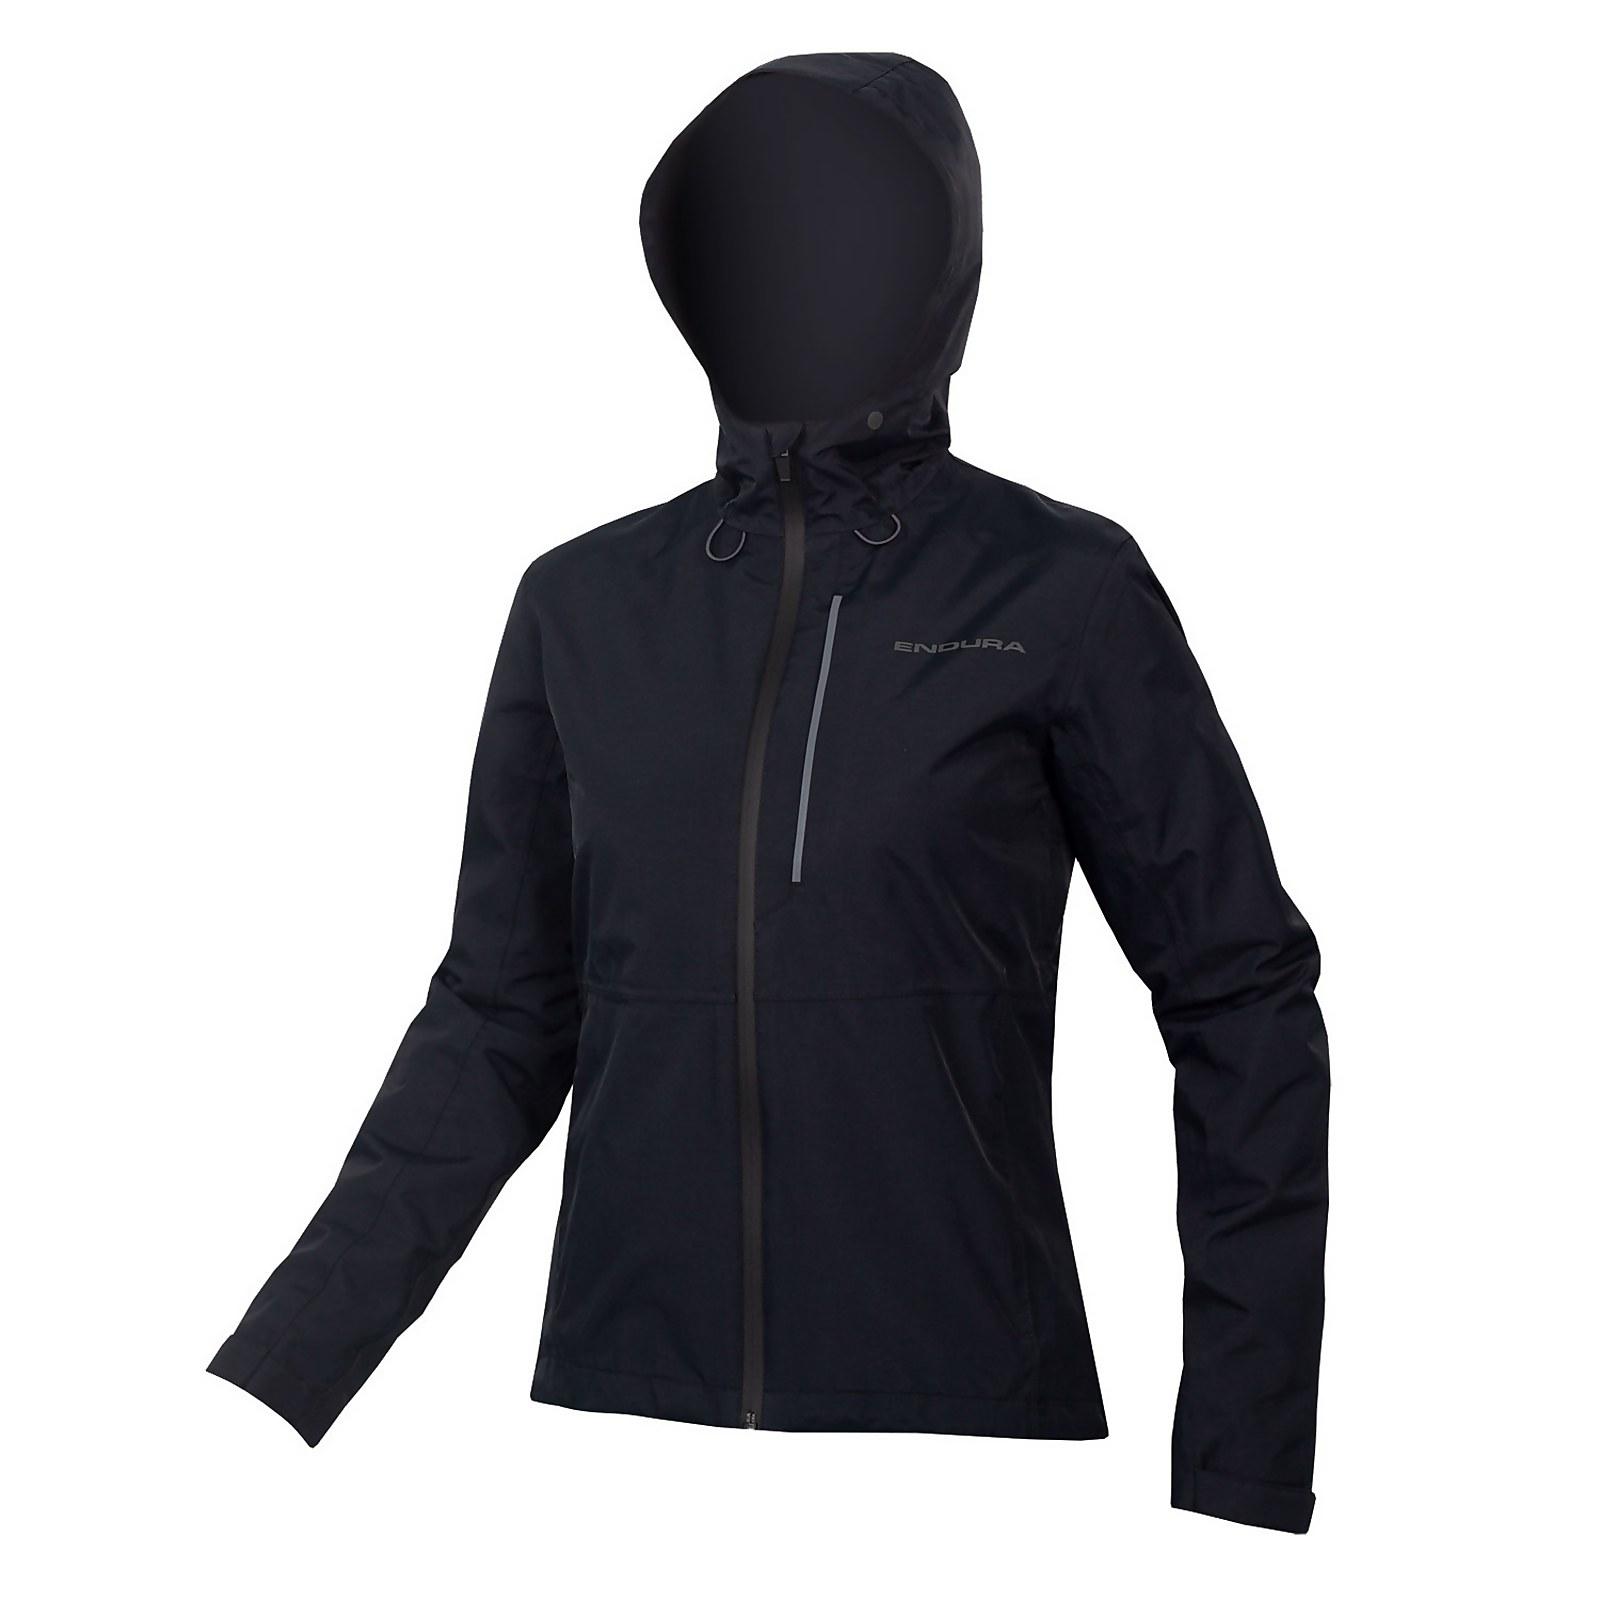 Womens Hummvee Waterproof Hooded Jacket - Black - L